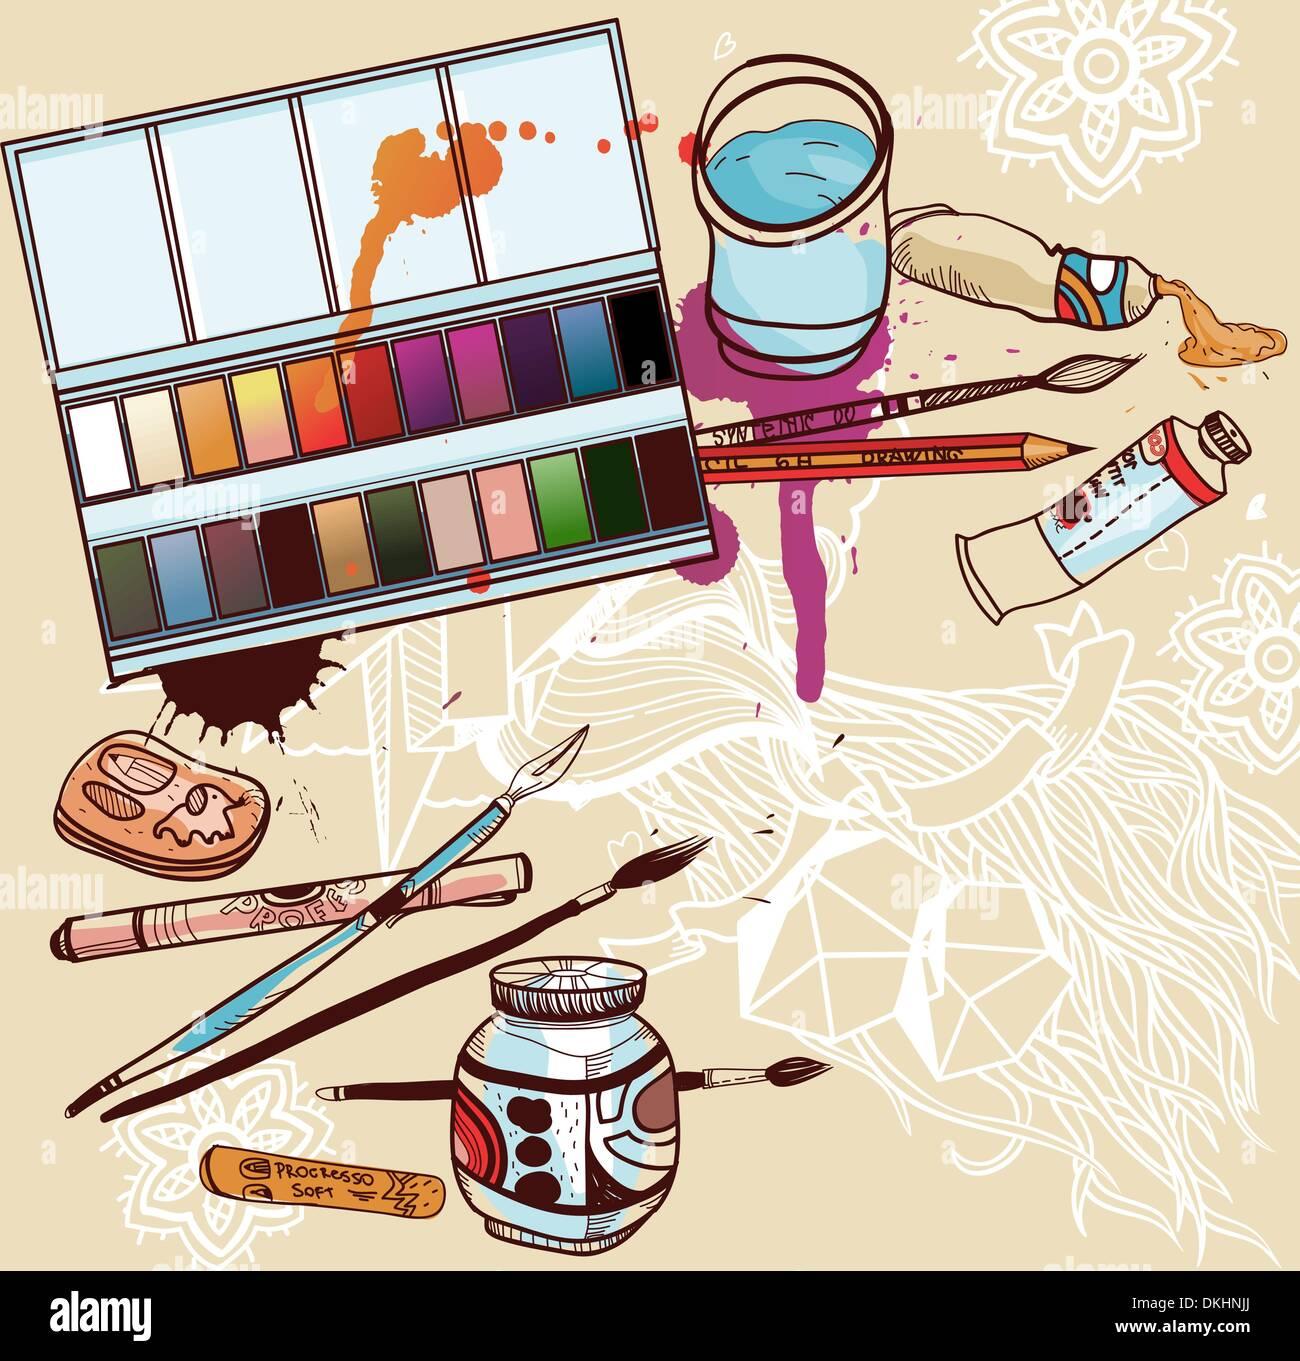 Ilustración vectorial de herramientas artísticas Imagen De Stock